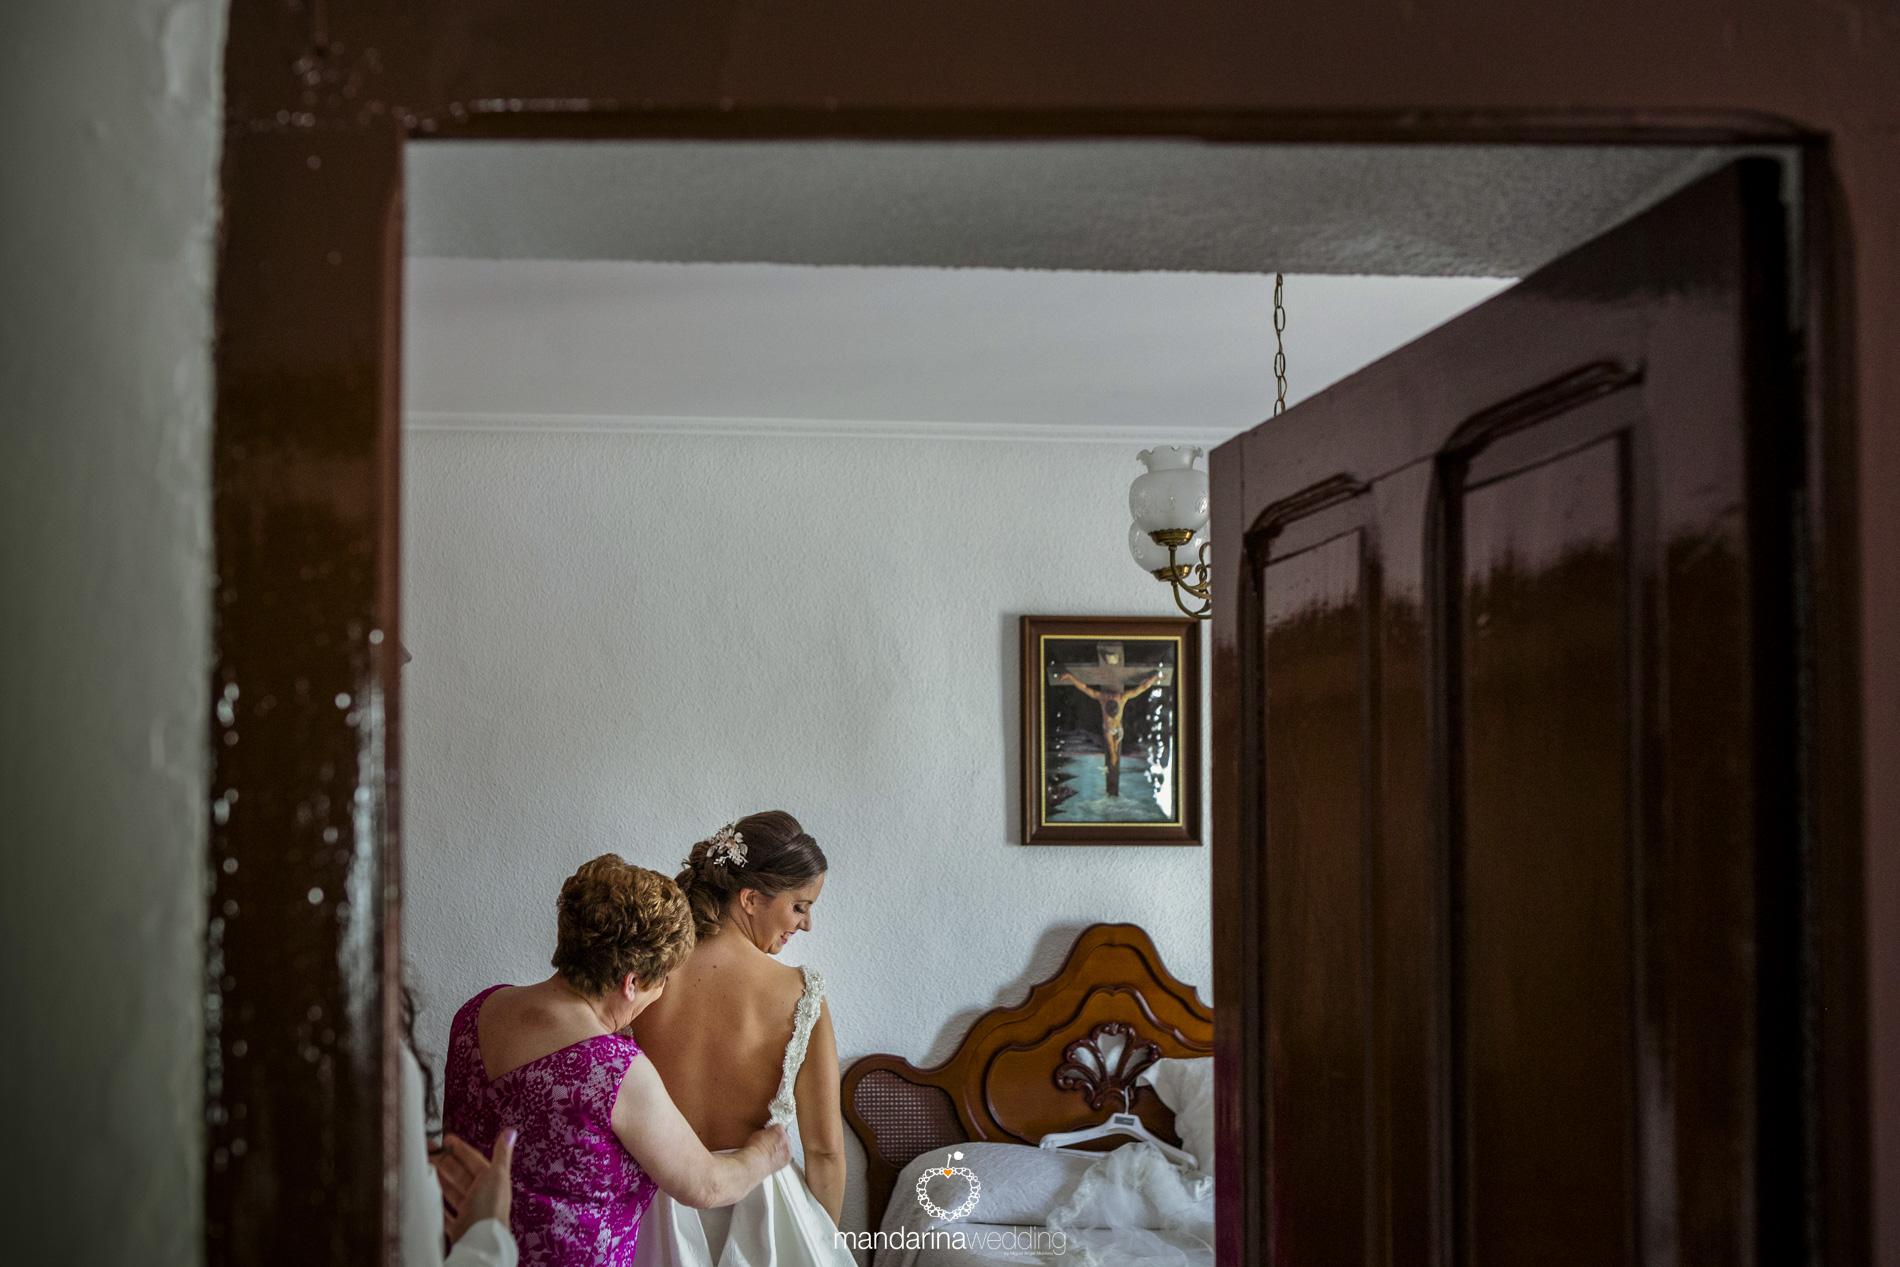 mandarina wedding, fotografo de boda, fotografo boda soria, fotografo boda barcelona, fotografo boda Madrid, fotografo boda lerida, fotografo boda Huesca, fotografo de destino_016